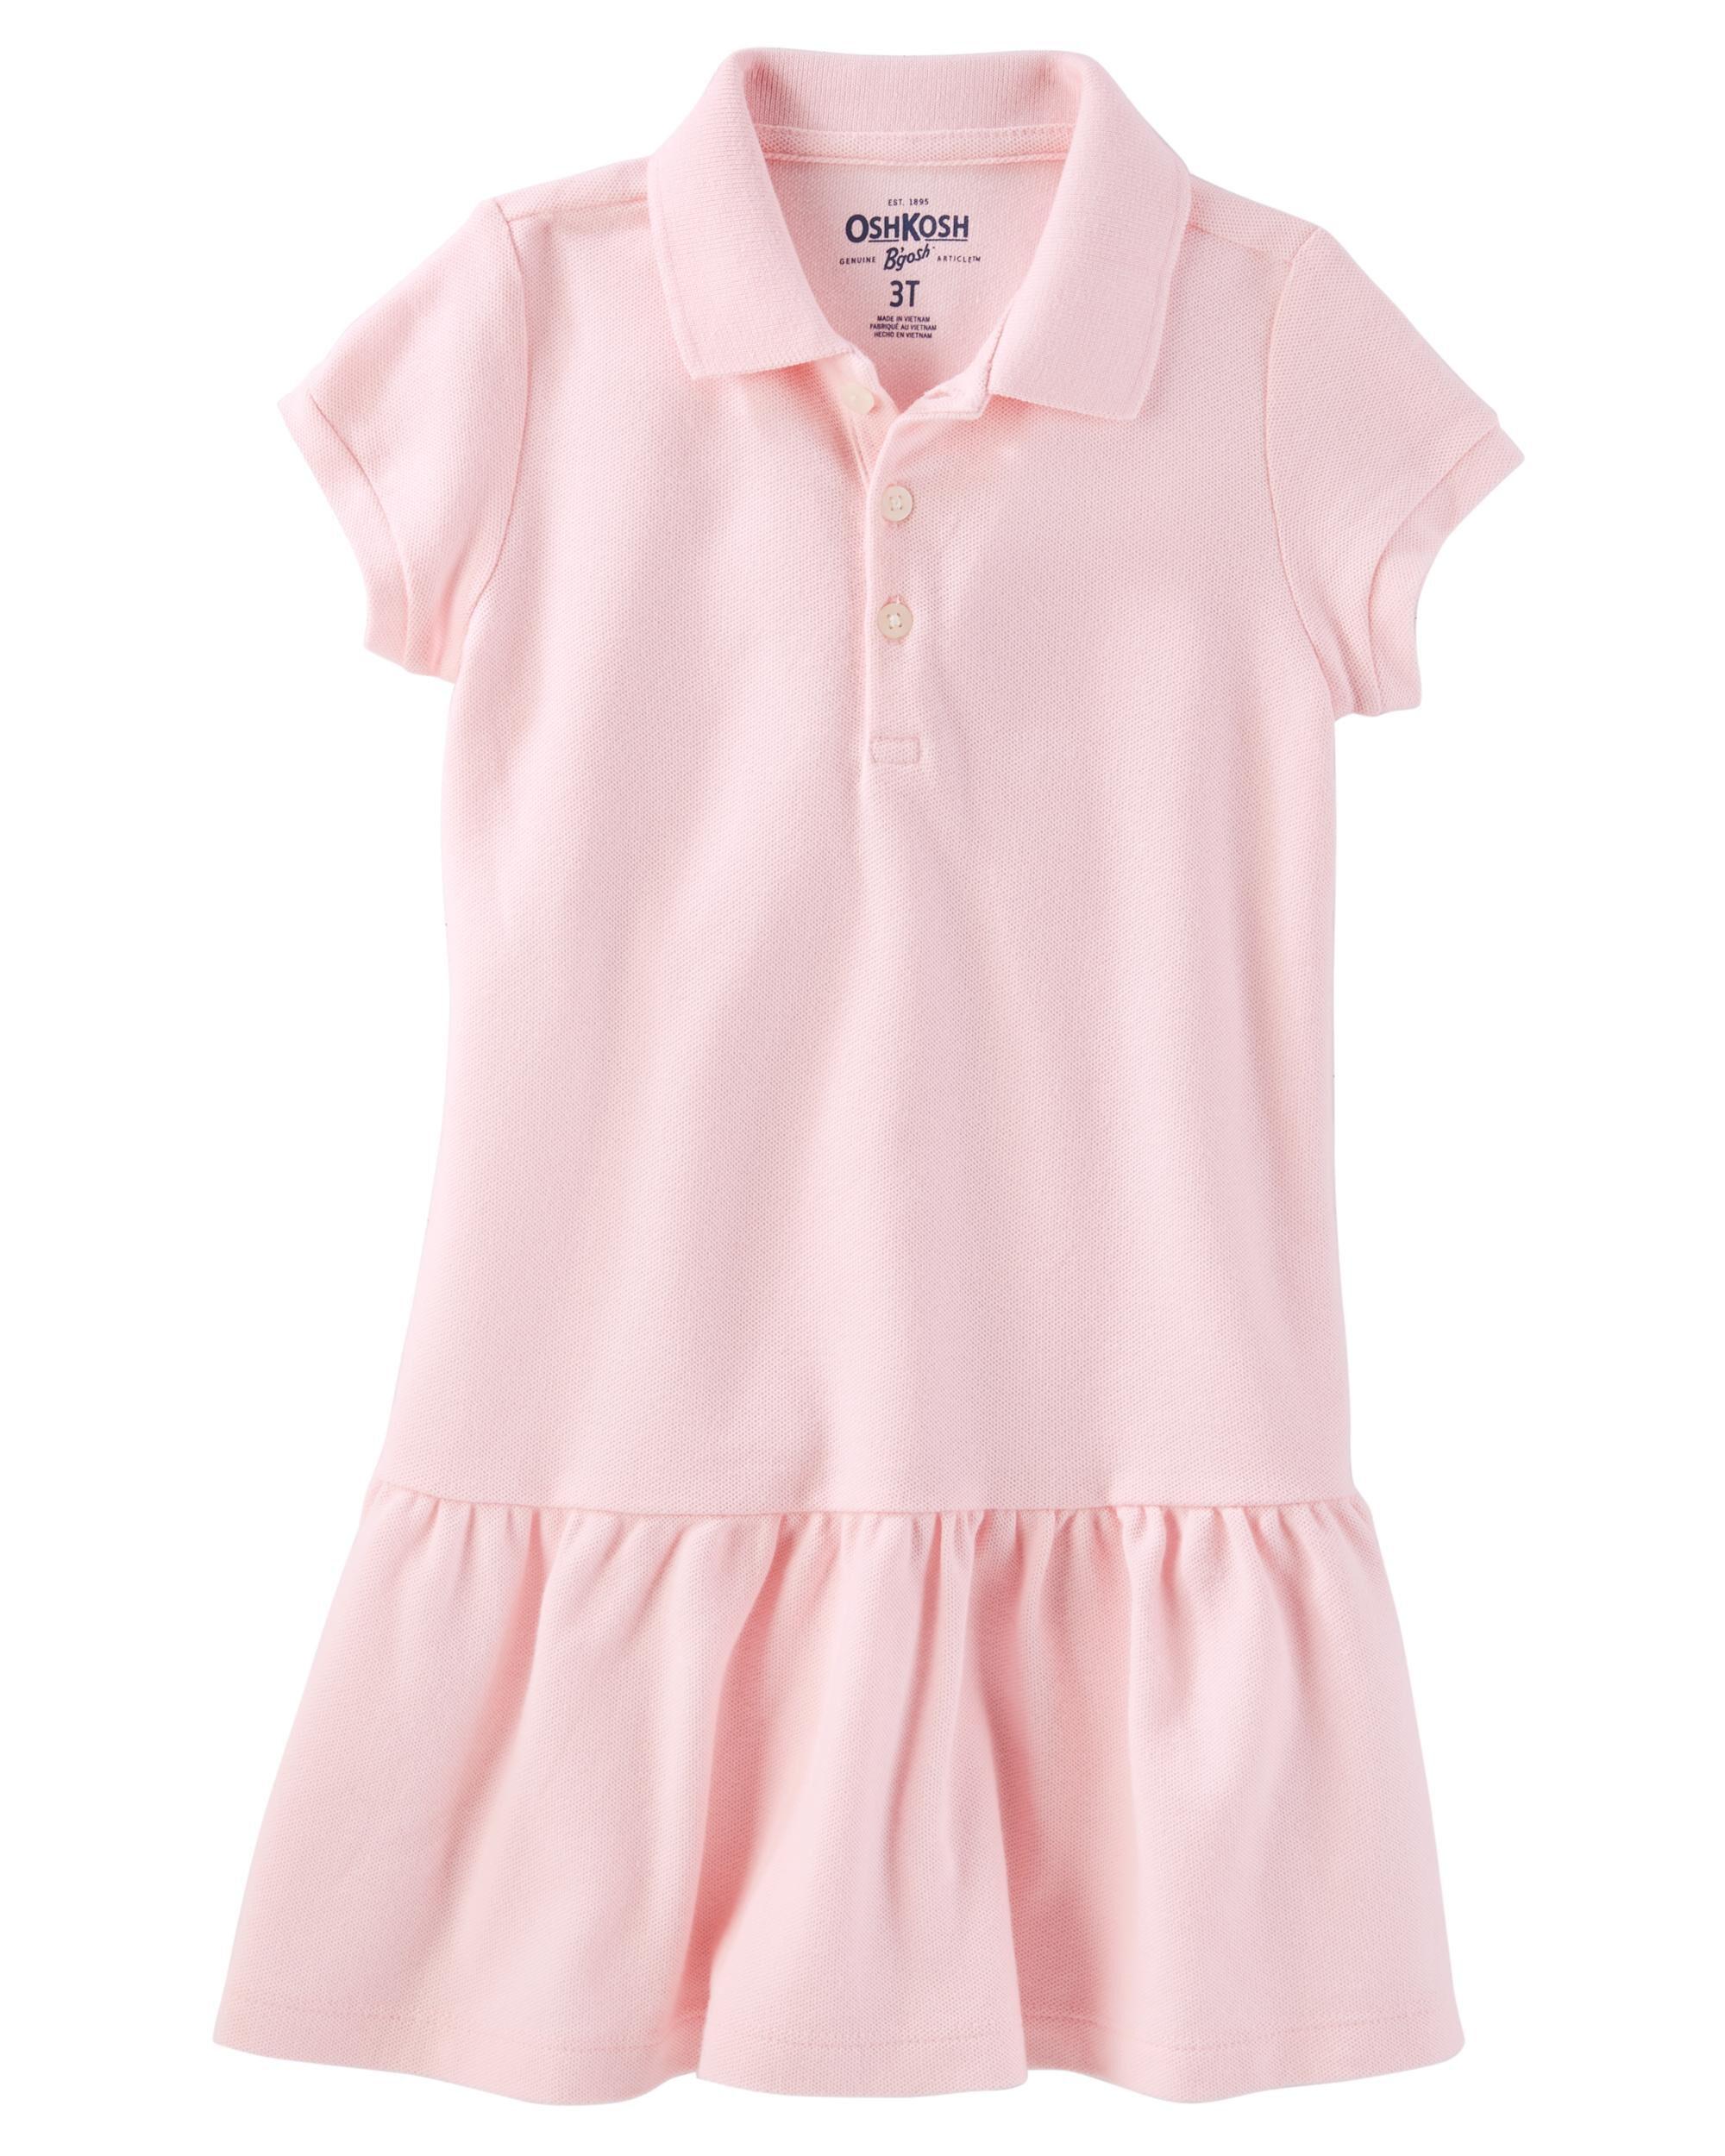 OshKosh BGosh Boys Toddler Short Sleeve Uniform Polo Osh Kosh